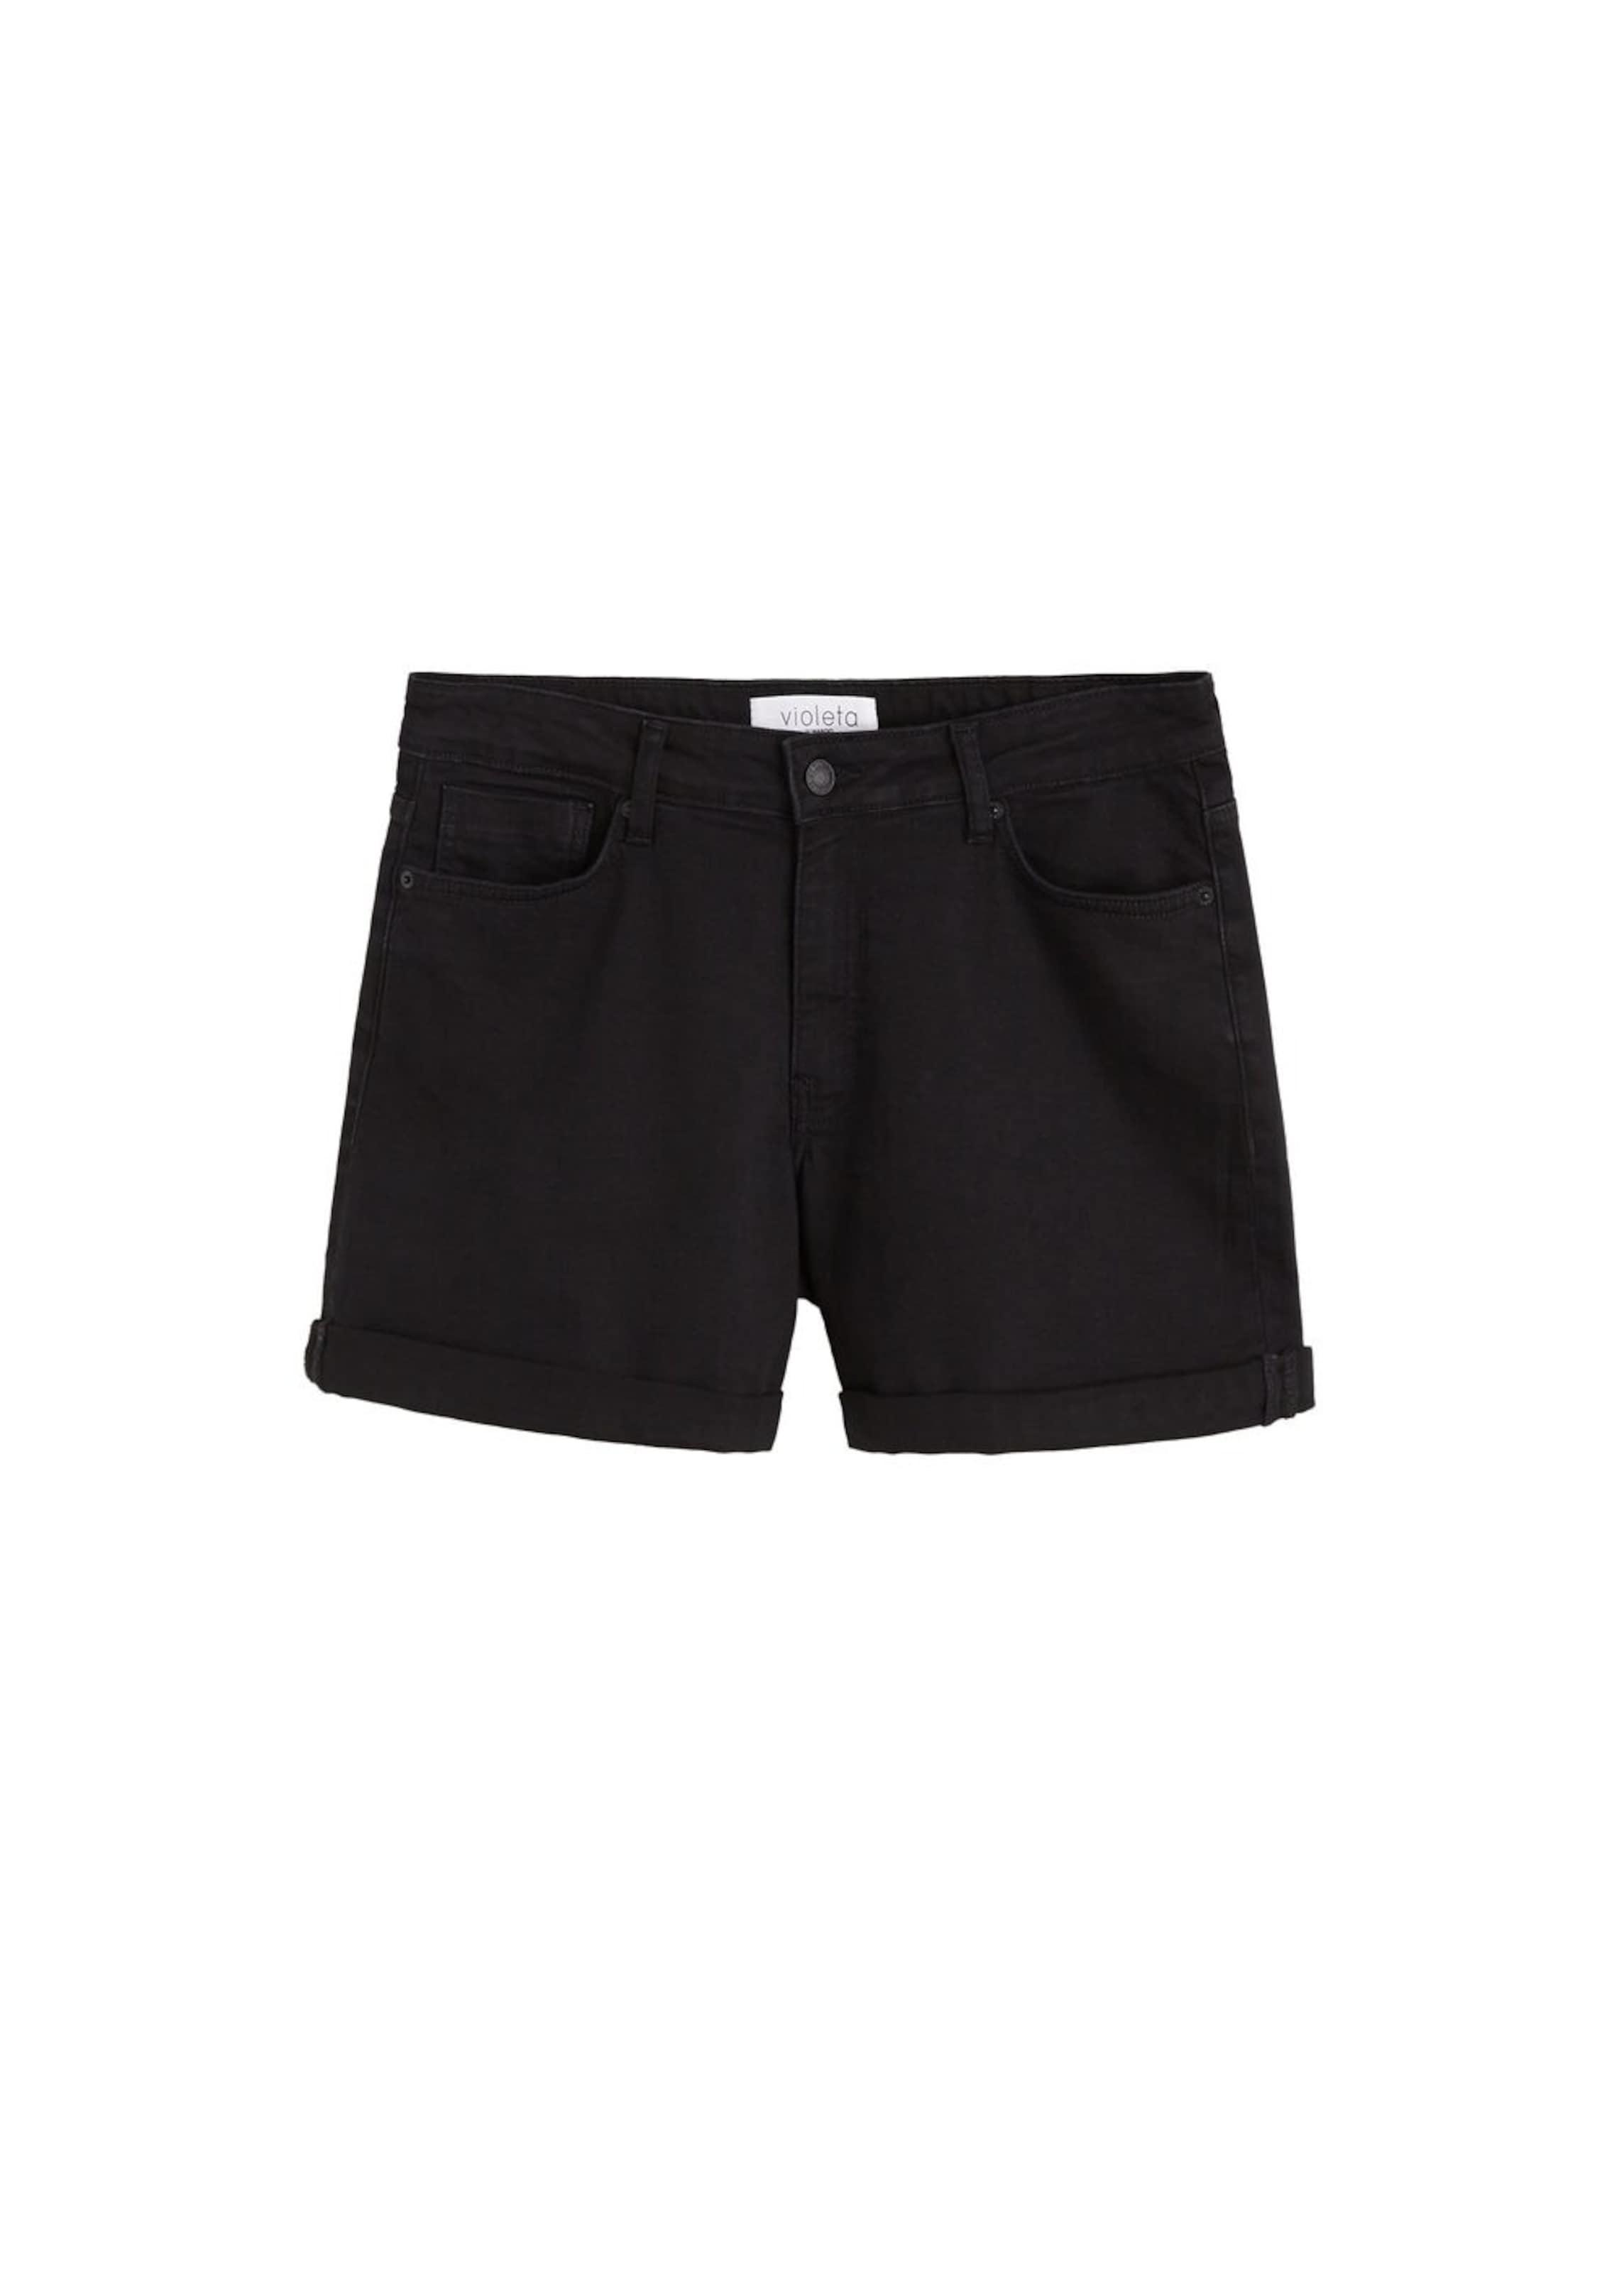 Shorts Schwarz By Mango 'vicky' In Violeta SVzMLpqGU